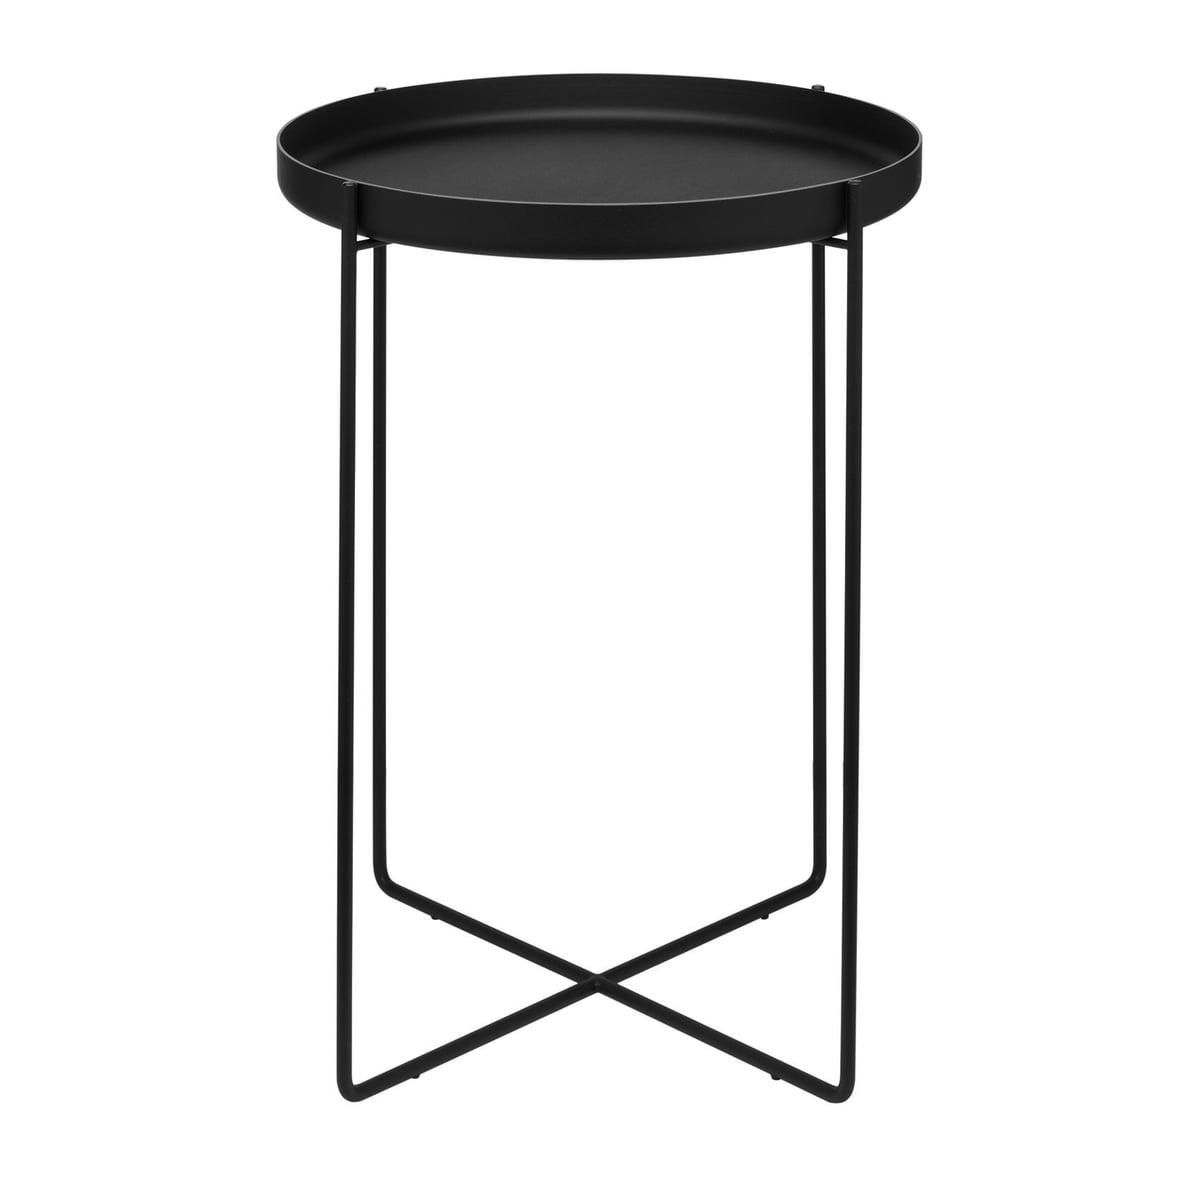 habibi beistelltisch von e15 jetzt im shop. Black Bedroom Furniture Sets. Home Design Ideas